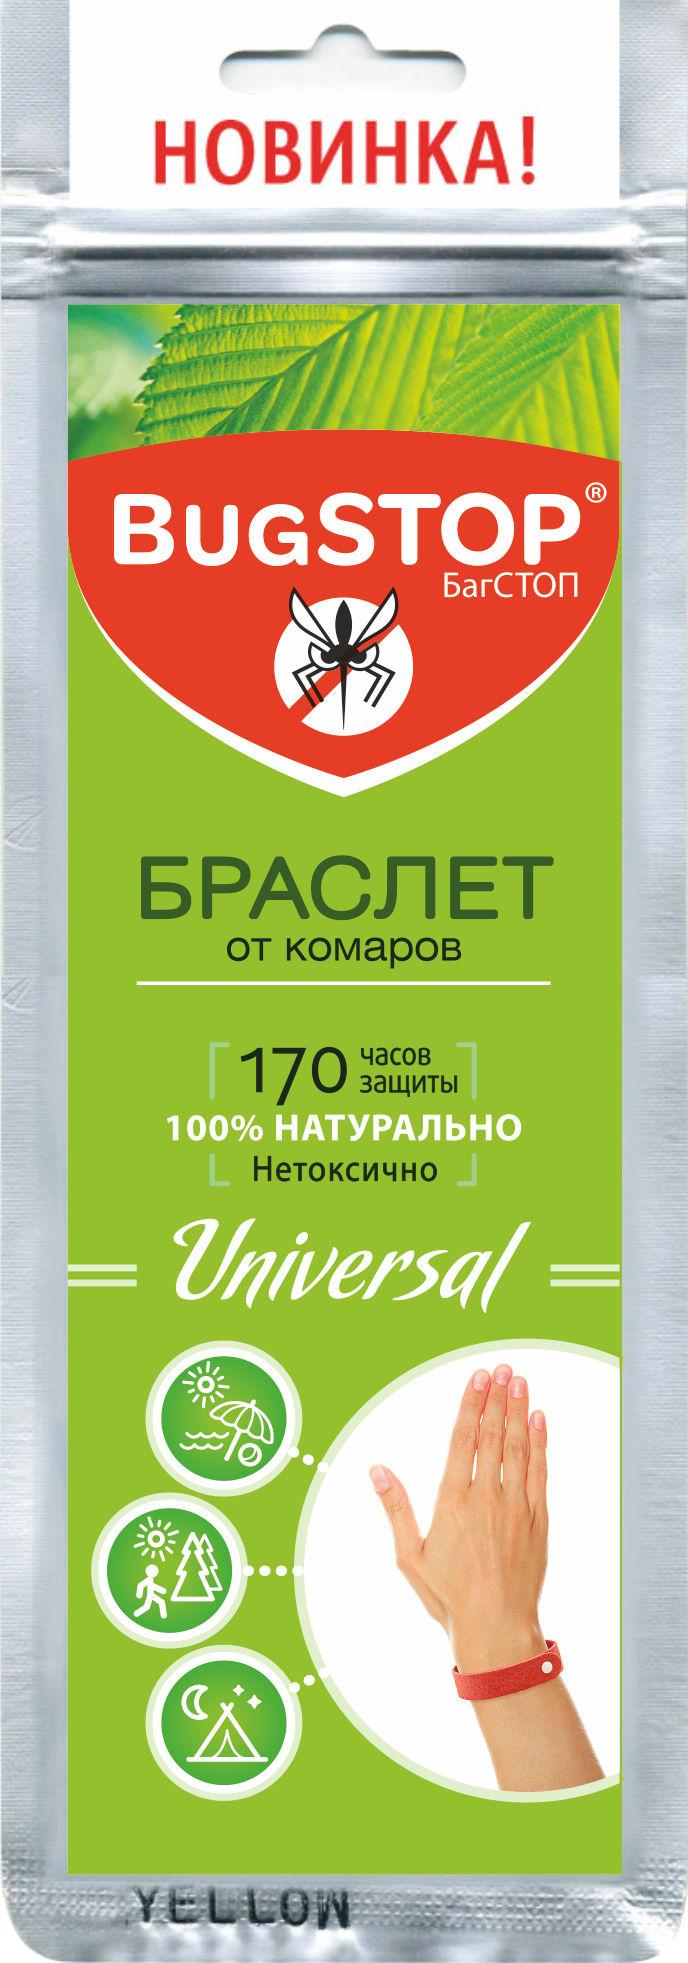 Браслет bugstop universal от комаров